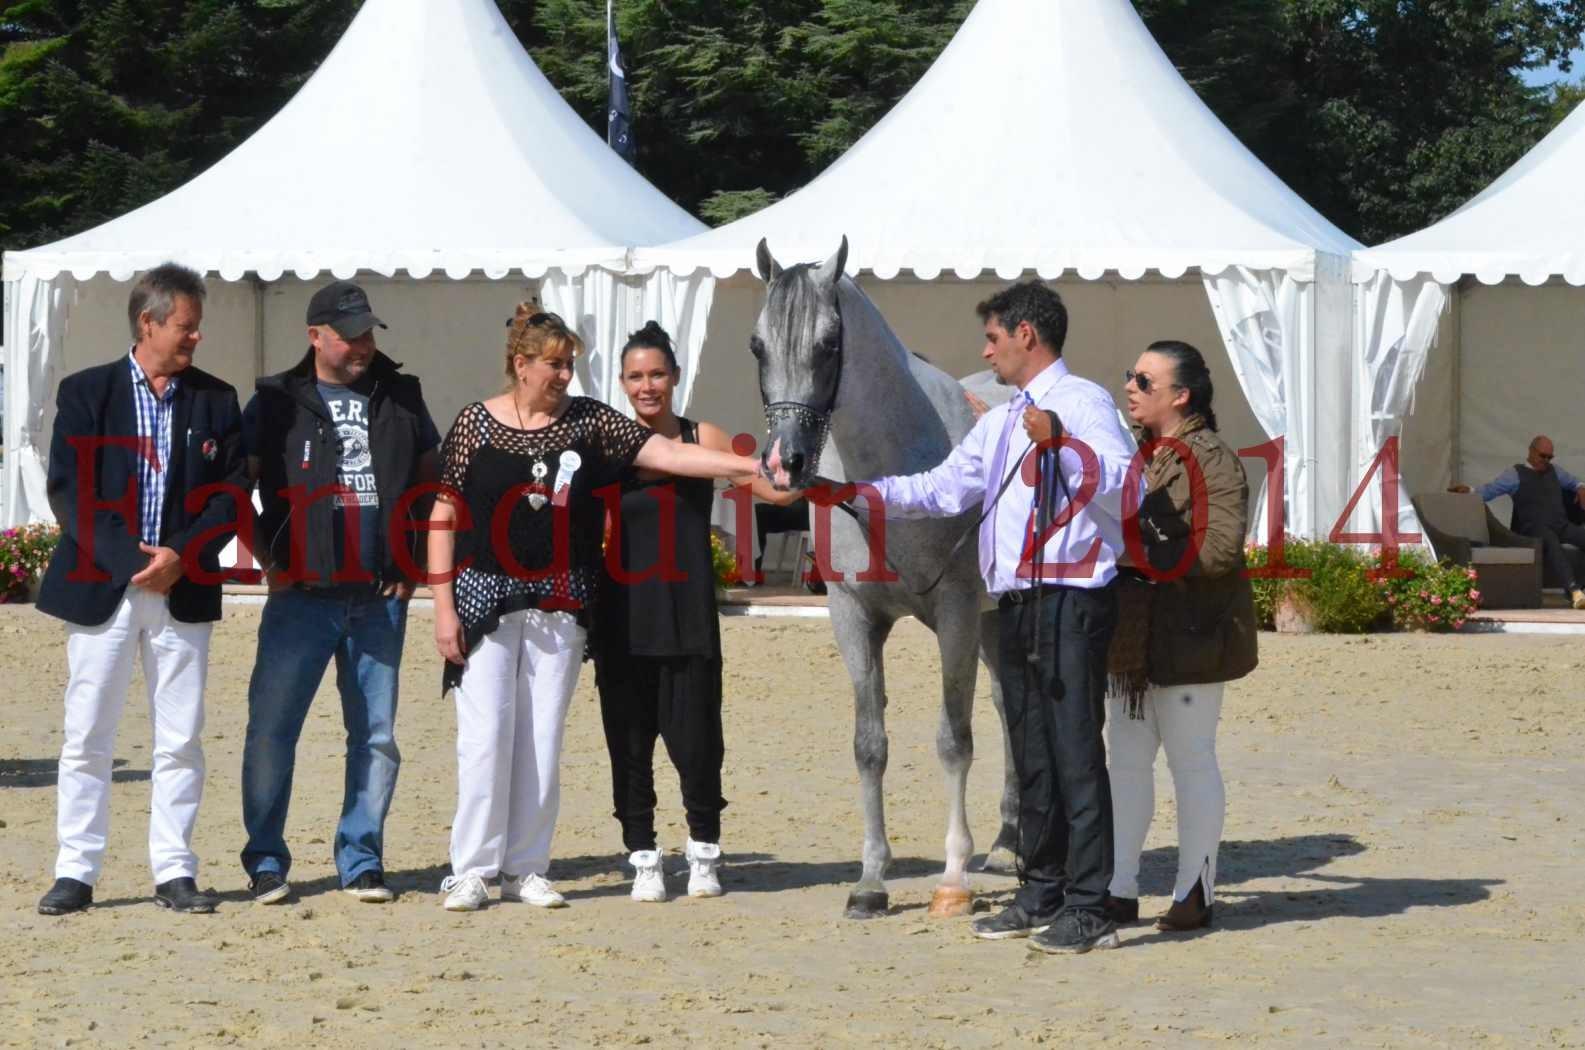 CHAMPIONNAT DE FRANCE  2014 A POMPADOUR - Sélection - SHEYK DE GARGASSAN - 22